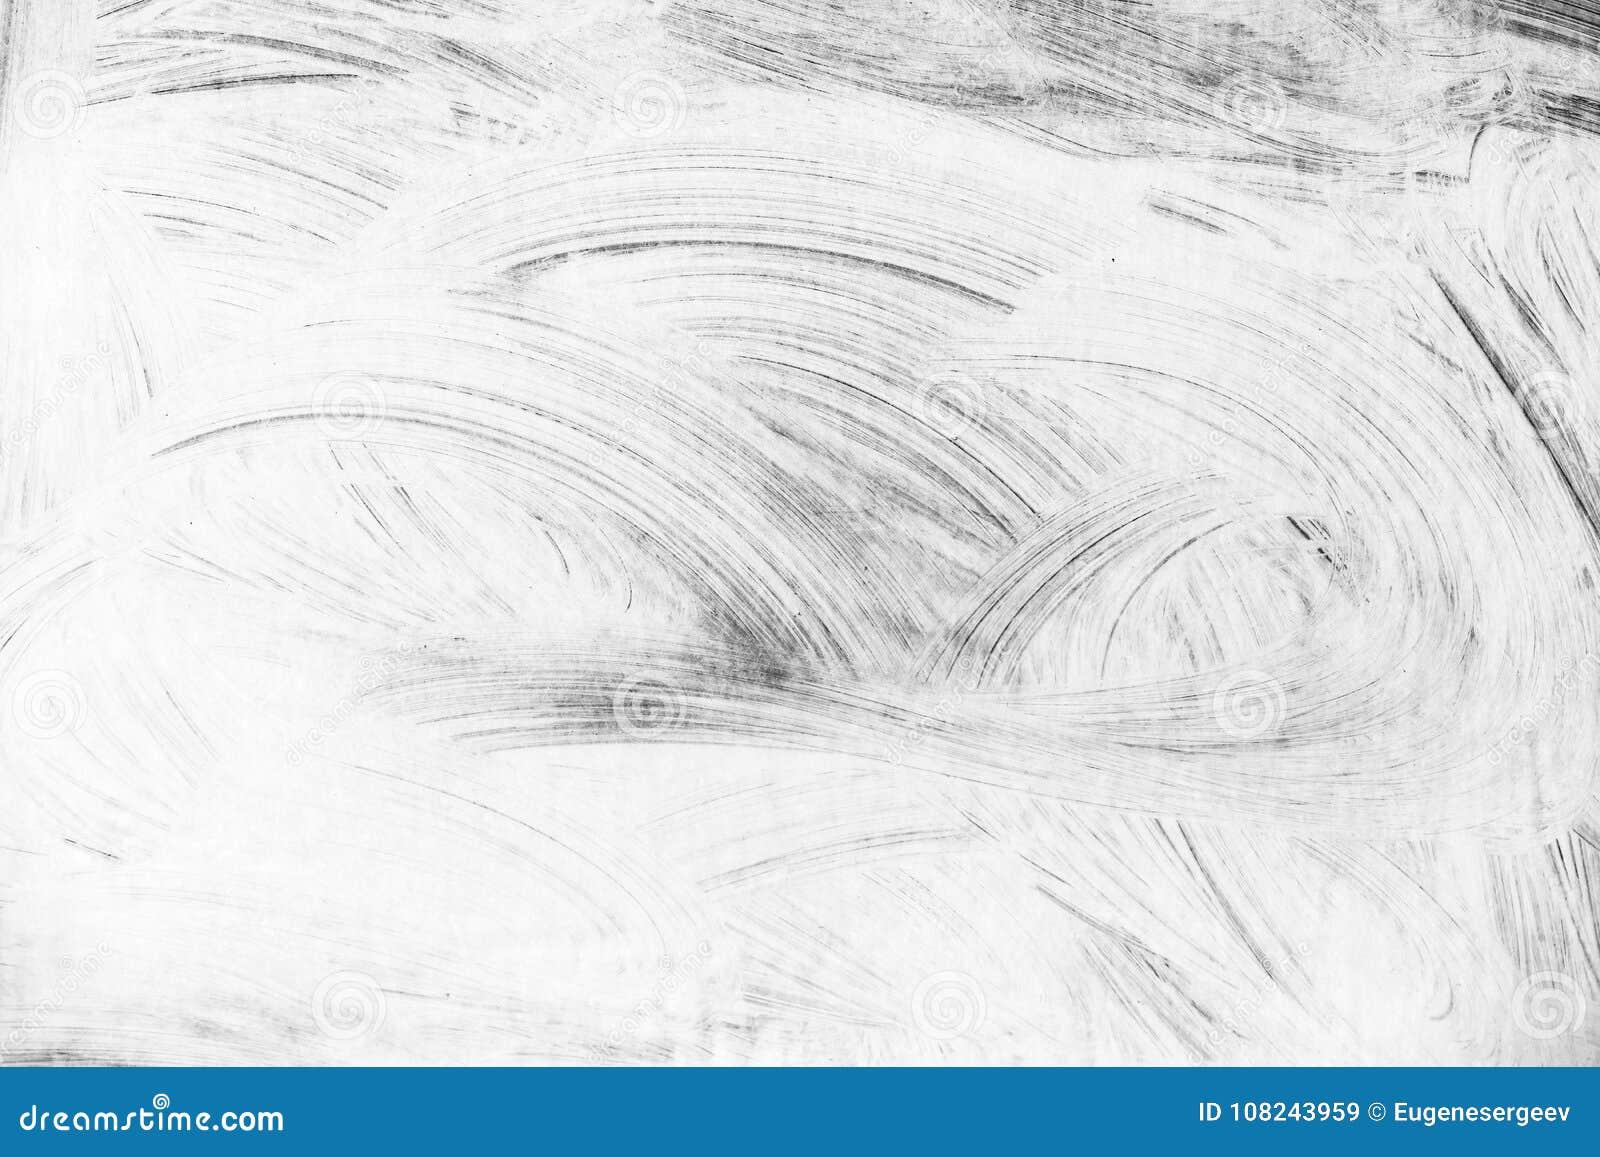 Modèle Blanc Abstrait De Peinture Au Dessus De Mur Gris